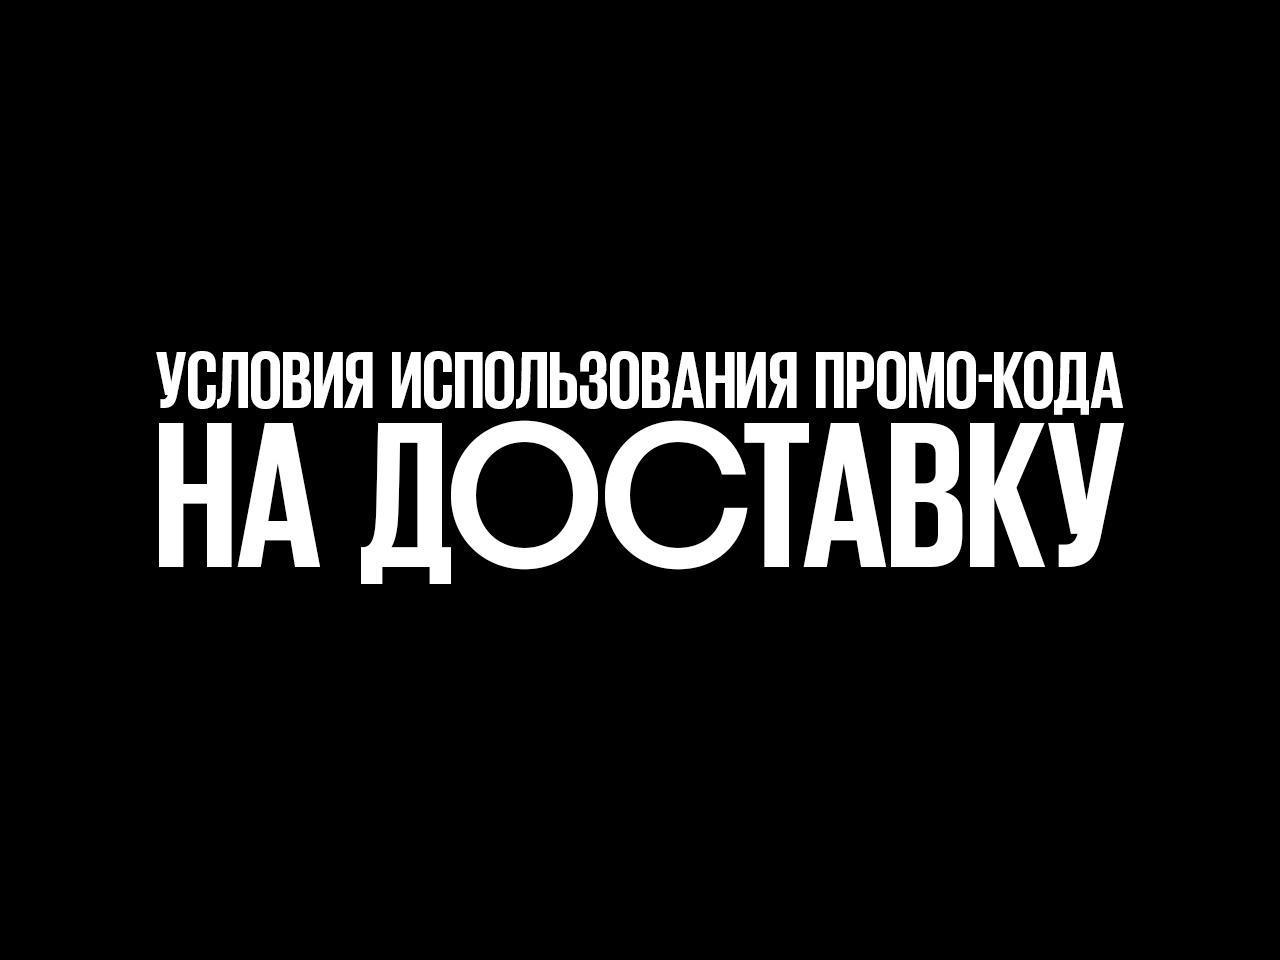 Промокод на подарок при заказе доставке в Красногорске